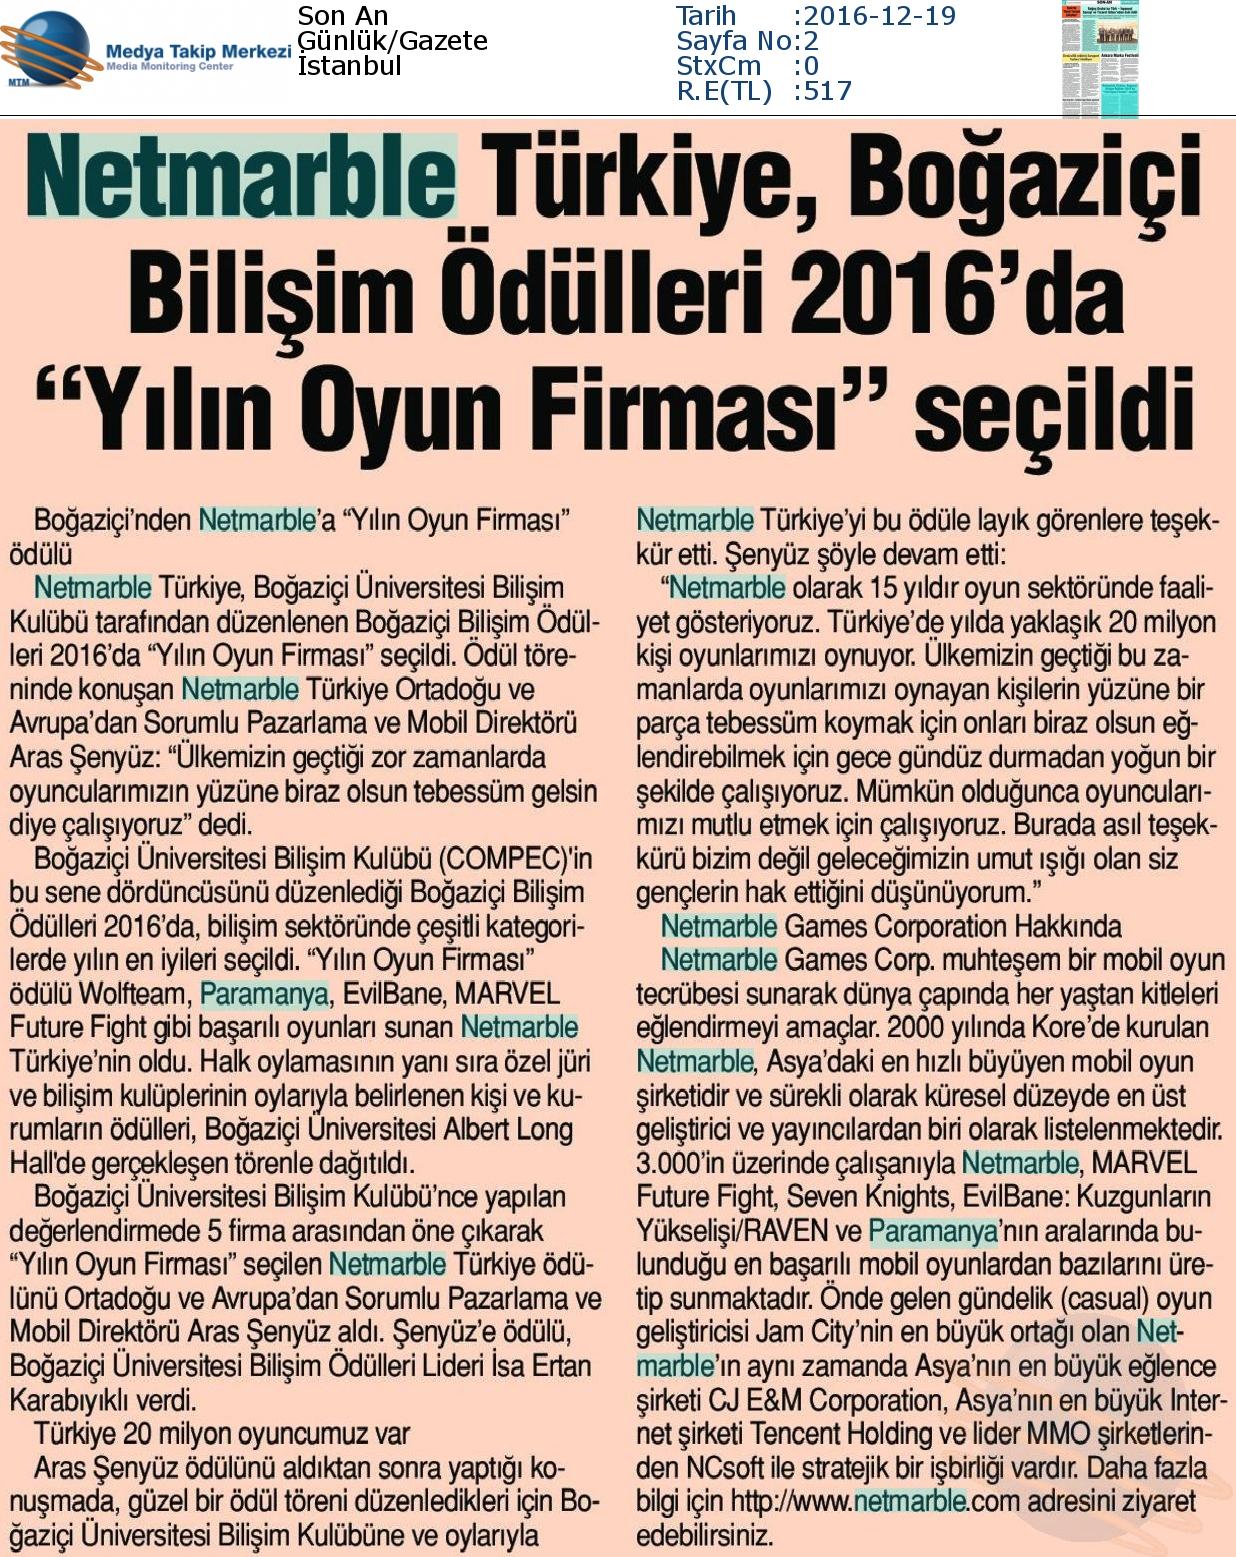 Son_An-NETMARBLE_TÜRKİYE_BOĞAZİÇİ_BİLİŞİM_ÖDÜLLERİ_2016DA_...-1